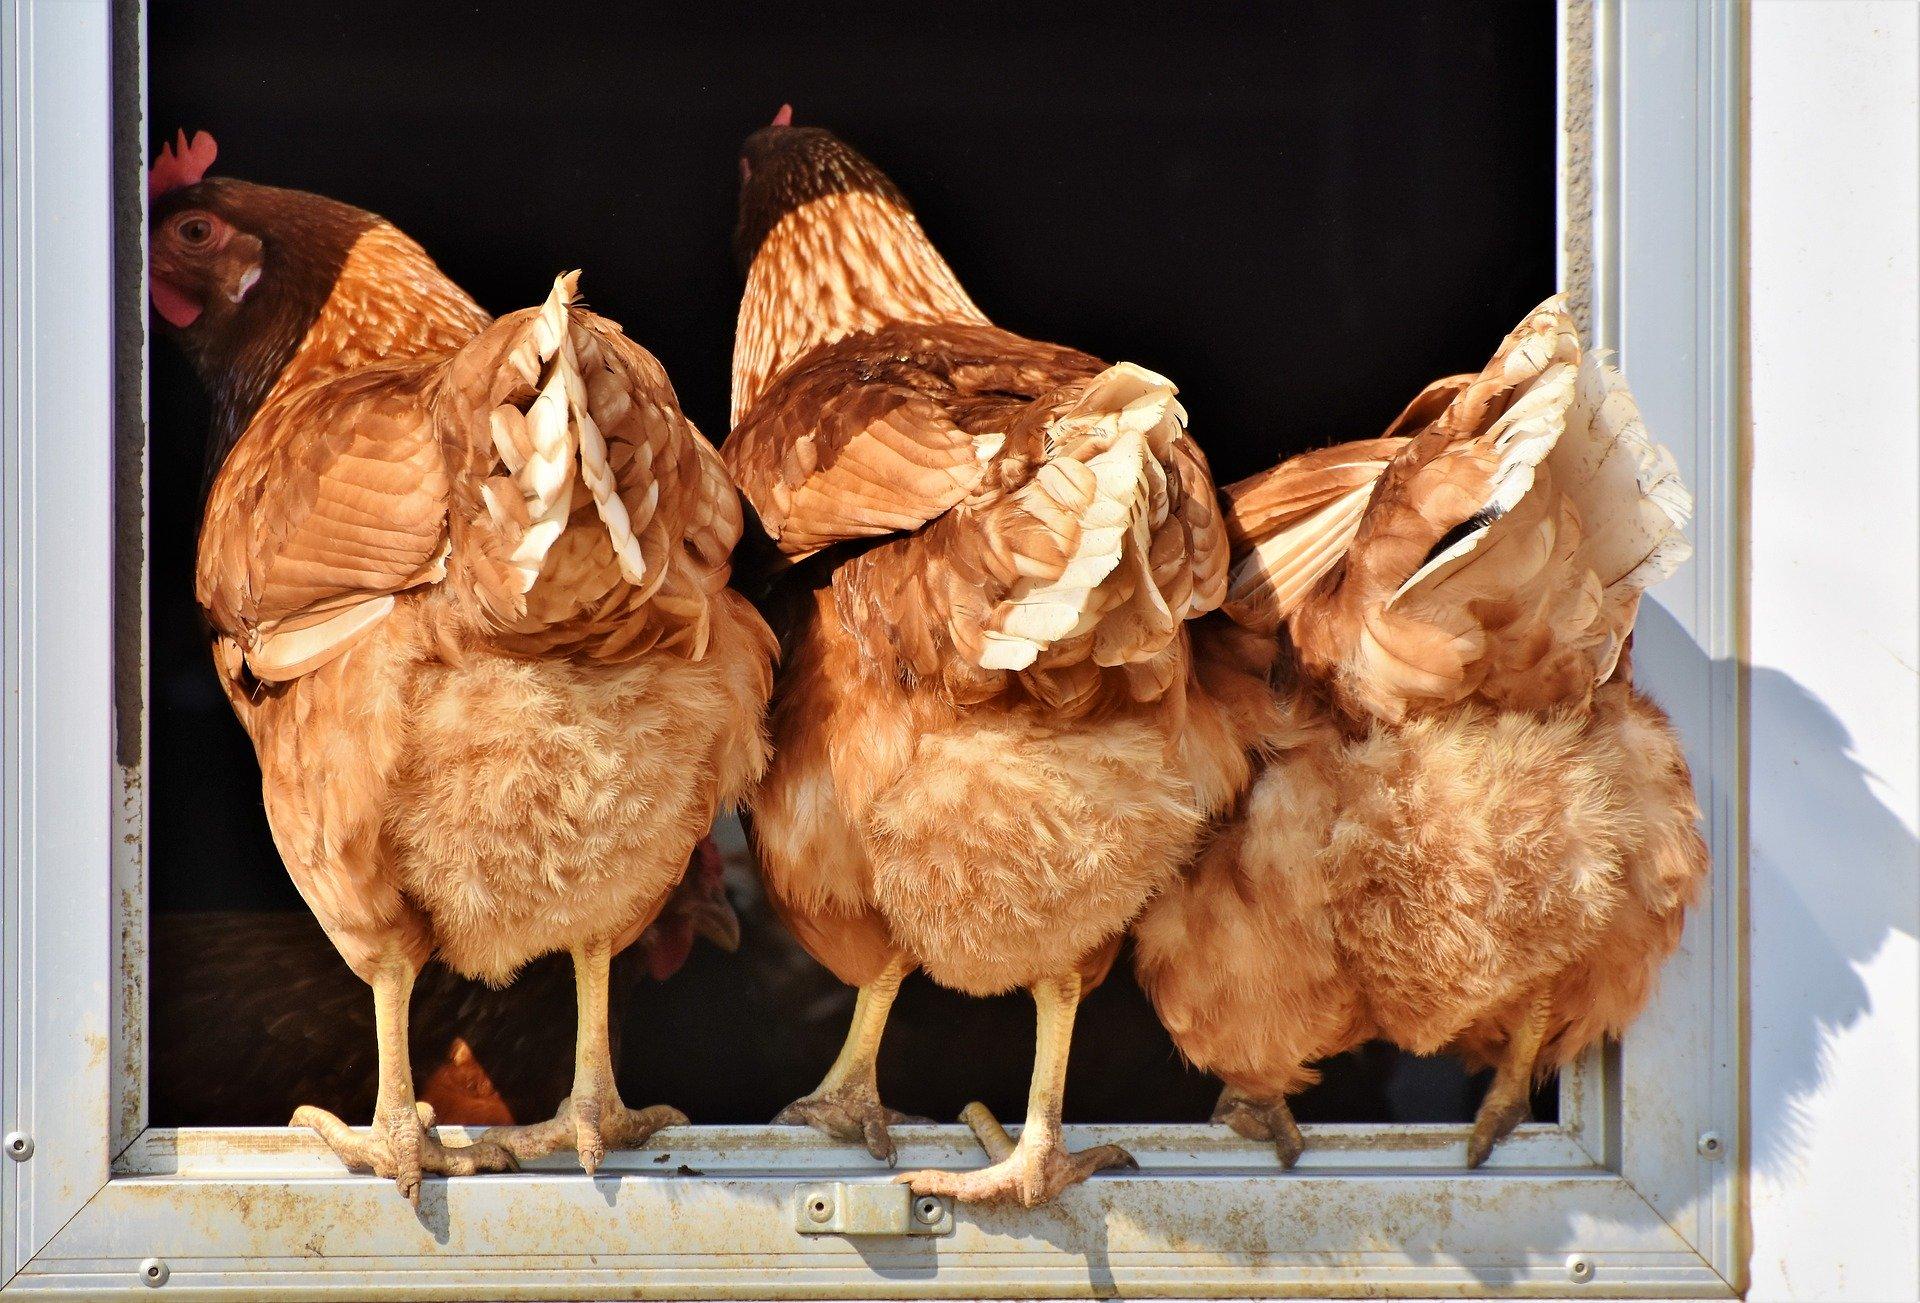 Chicken grit, chicken feed, pet chickens, rescue hens